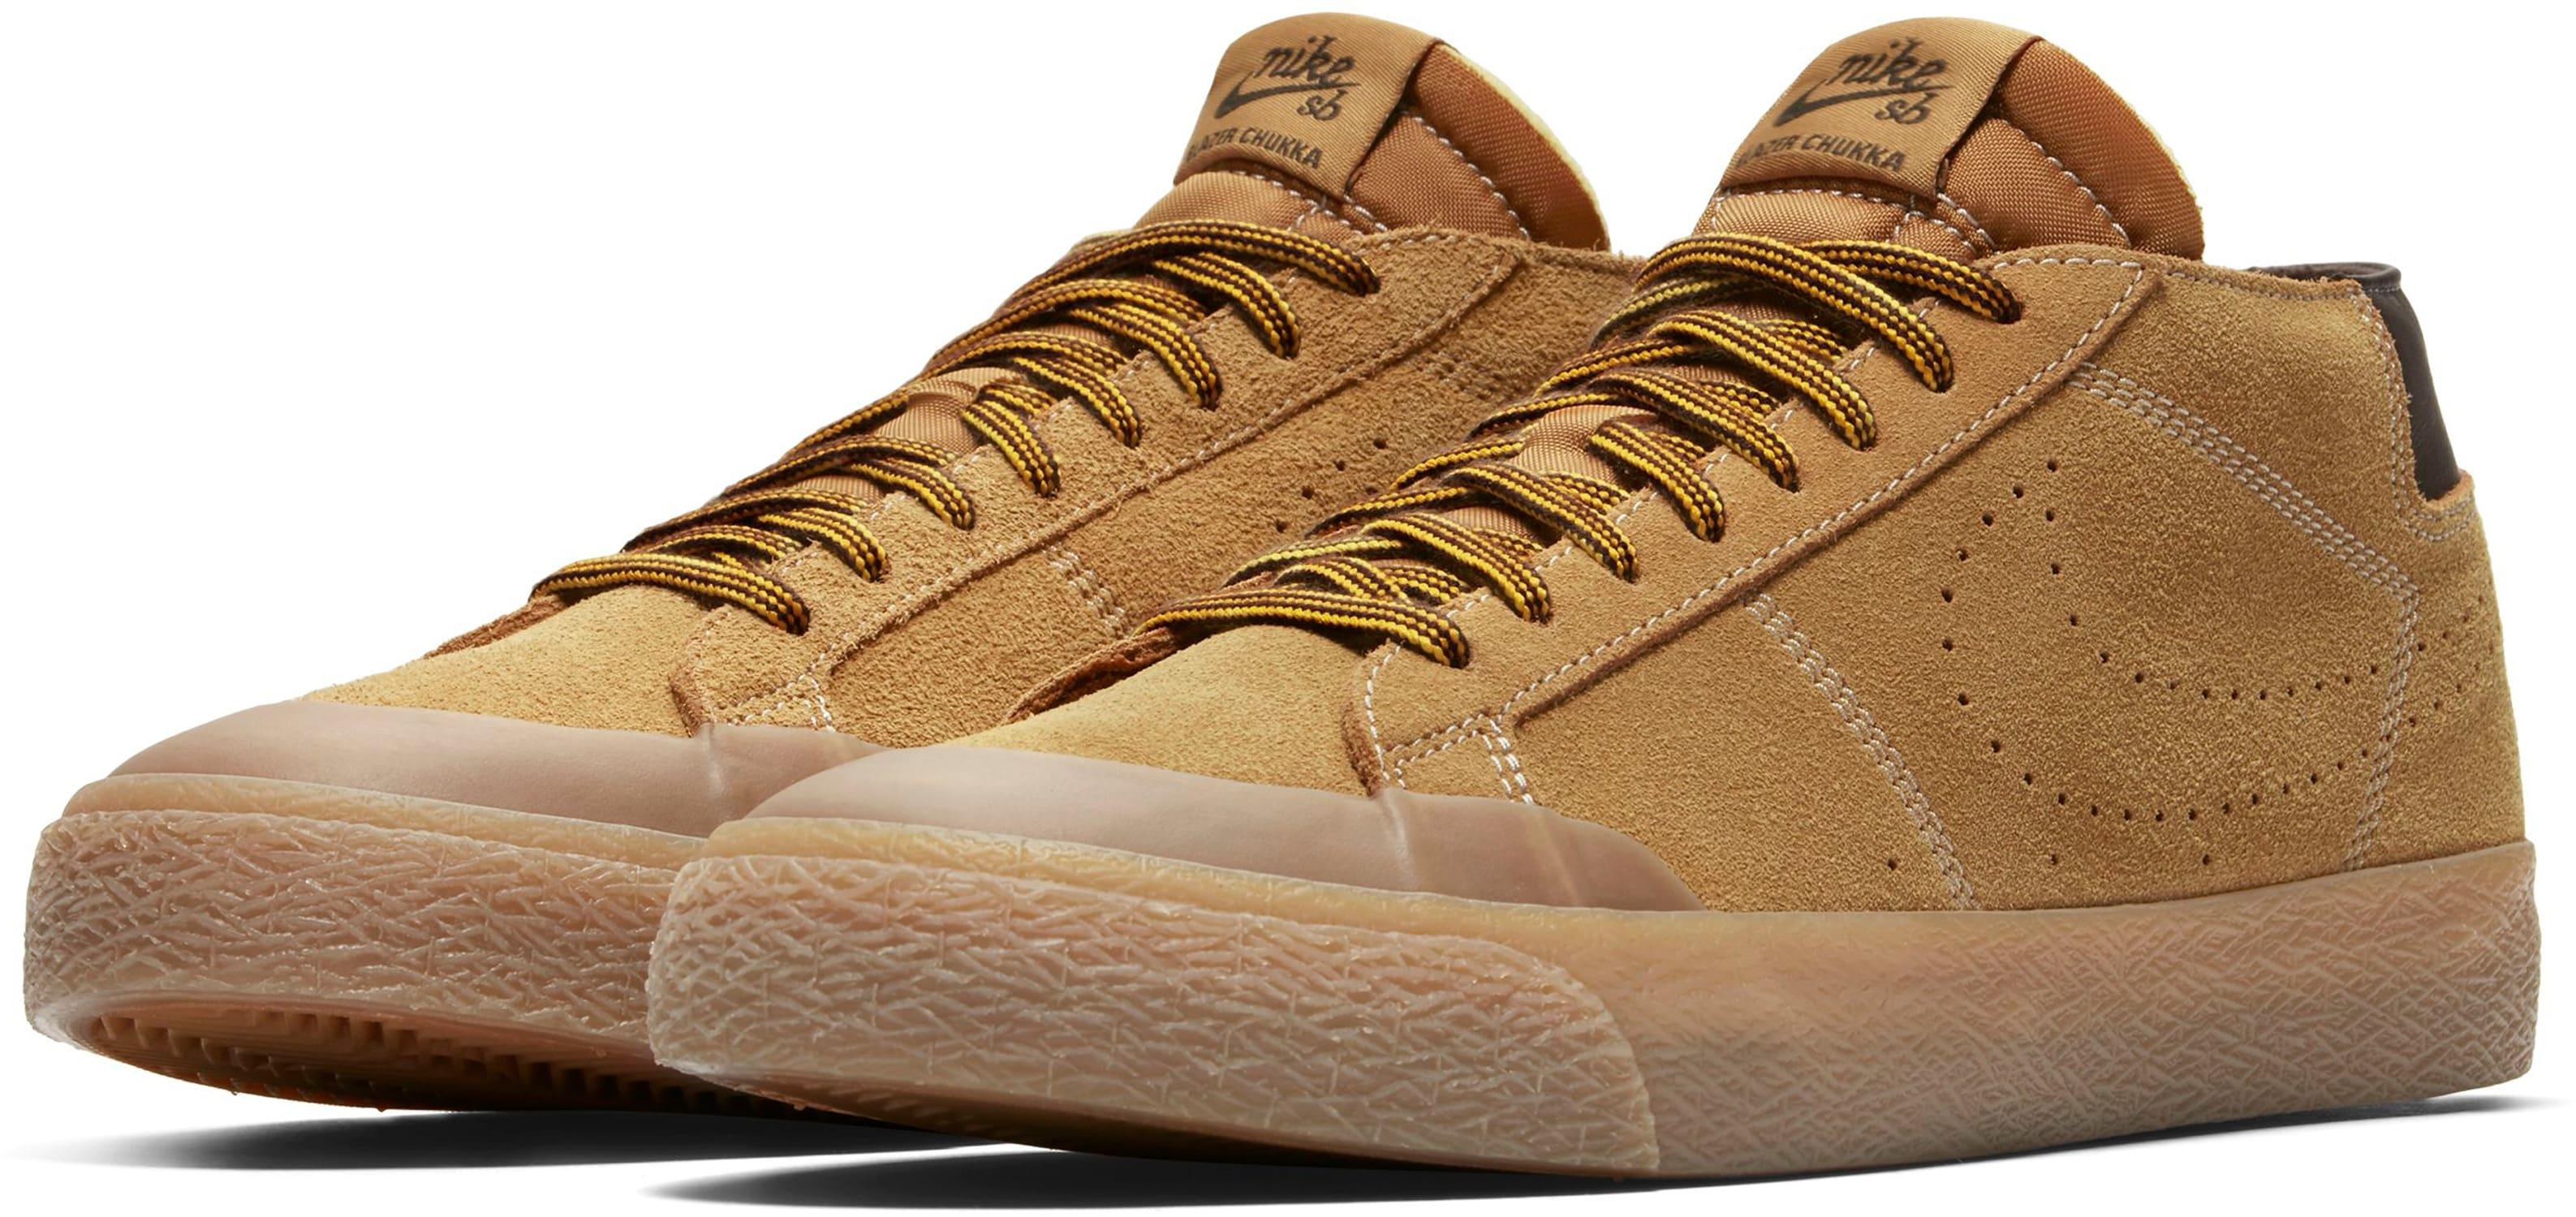 Zoom Skate Chukka Shoes Premium Nike Sb Xt Blazer WE29IeDbHY